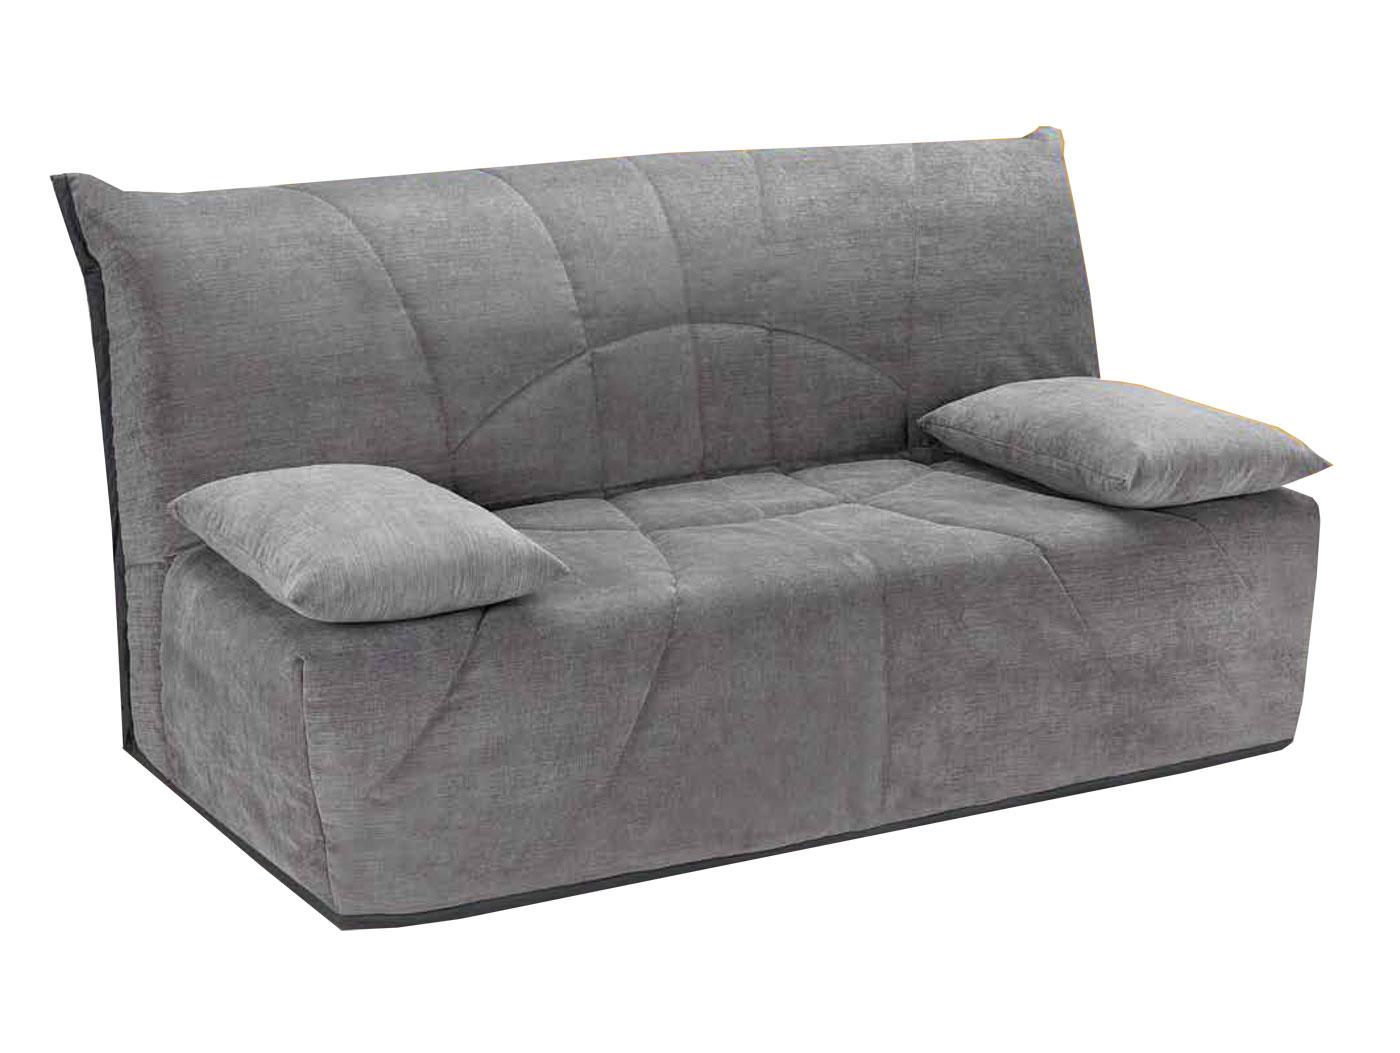 banquette bz soldes maison et mobilier d 39 int rieur. Black Bedroom Furniture Sets. Home Design Ideas